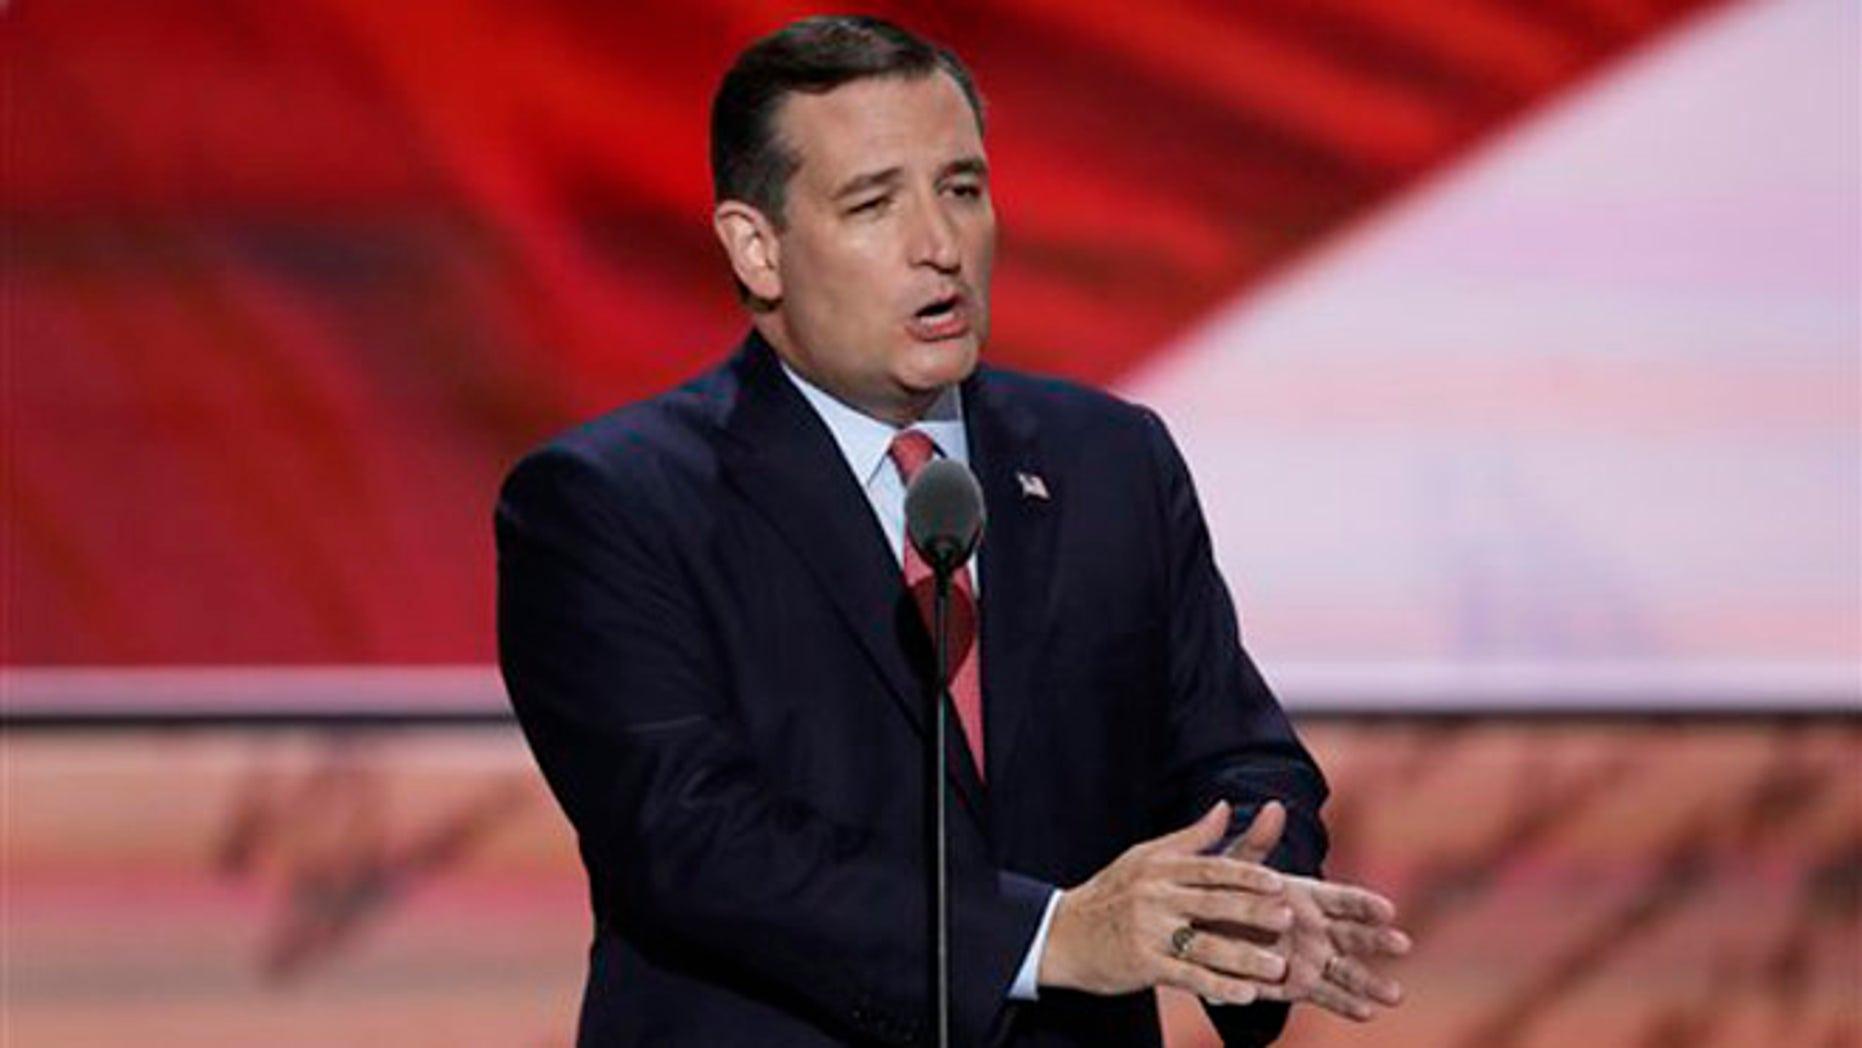 El senador republicano Ted Cruz, de Texas, habla durante el tercer día de la Convención Nacional Republicana en Cleveland, el miércoles 20 de julio de 2016. (AP Foto/J. Scott Applewhite)